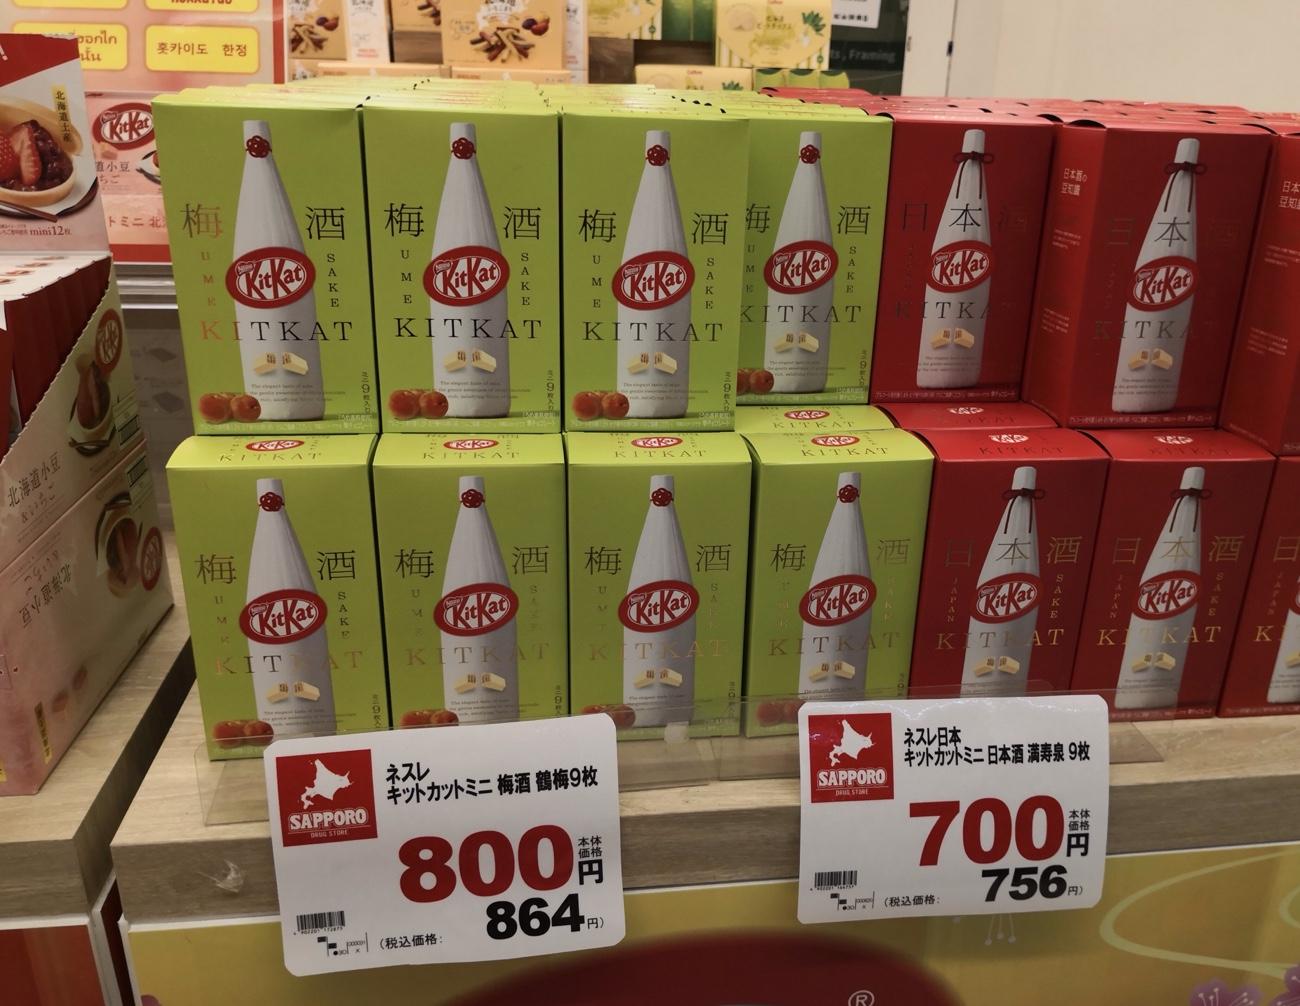 梅酒キットカット、右は日本酒キットカット 札幌すすきの